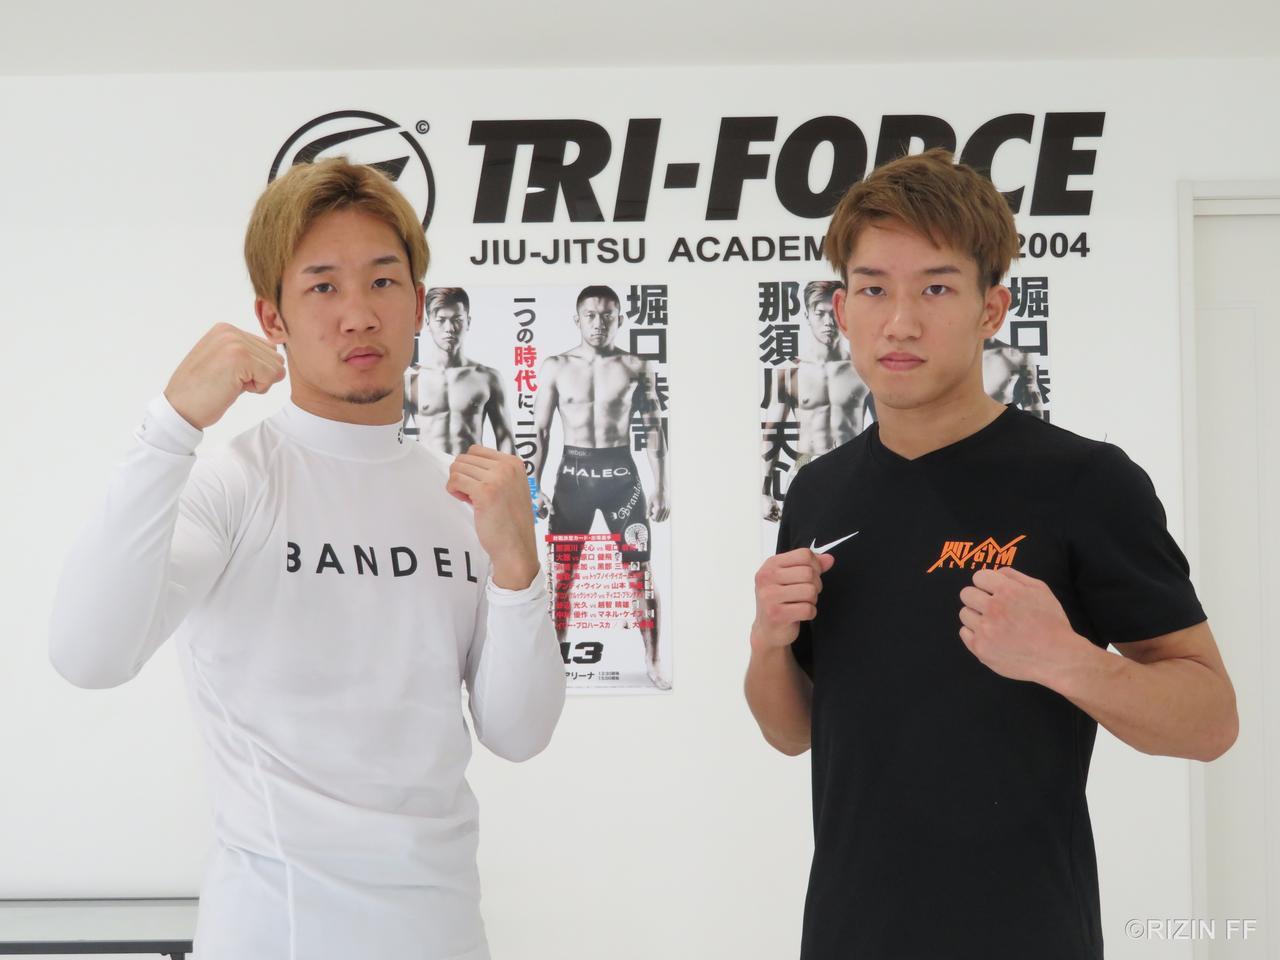 日本格闘技界を席巻している朝倉兄弟!RIZIN139に兄弟で出場!!